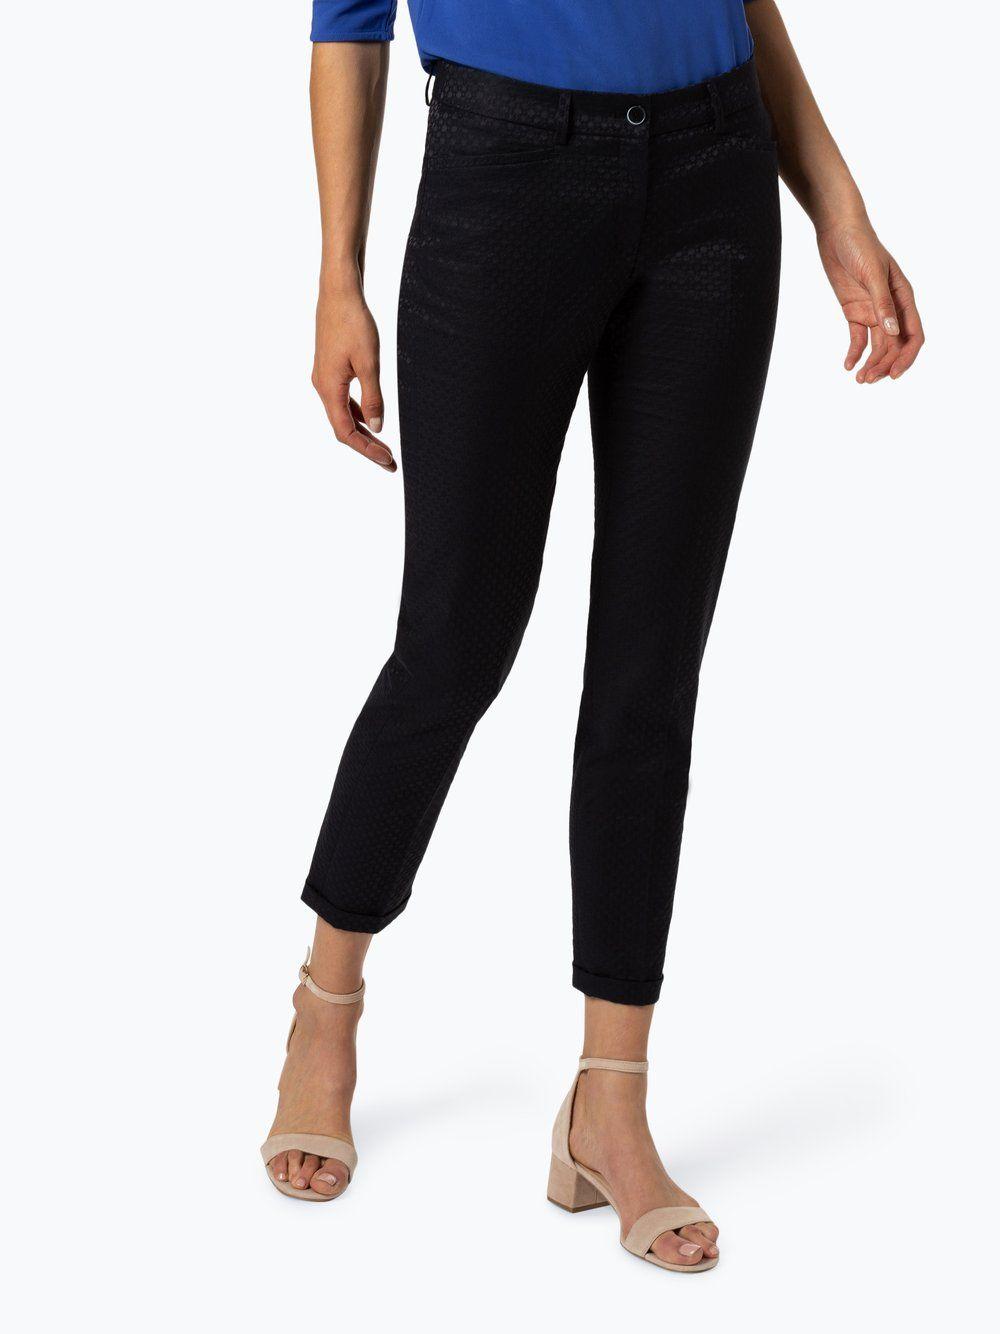 Damen Hose Maron | Hosen, Damen und Wolle kaufen